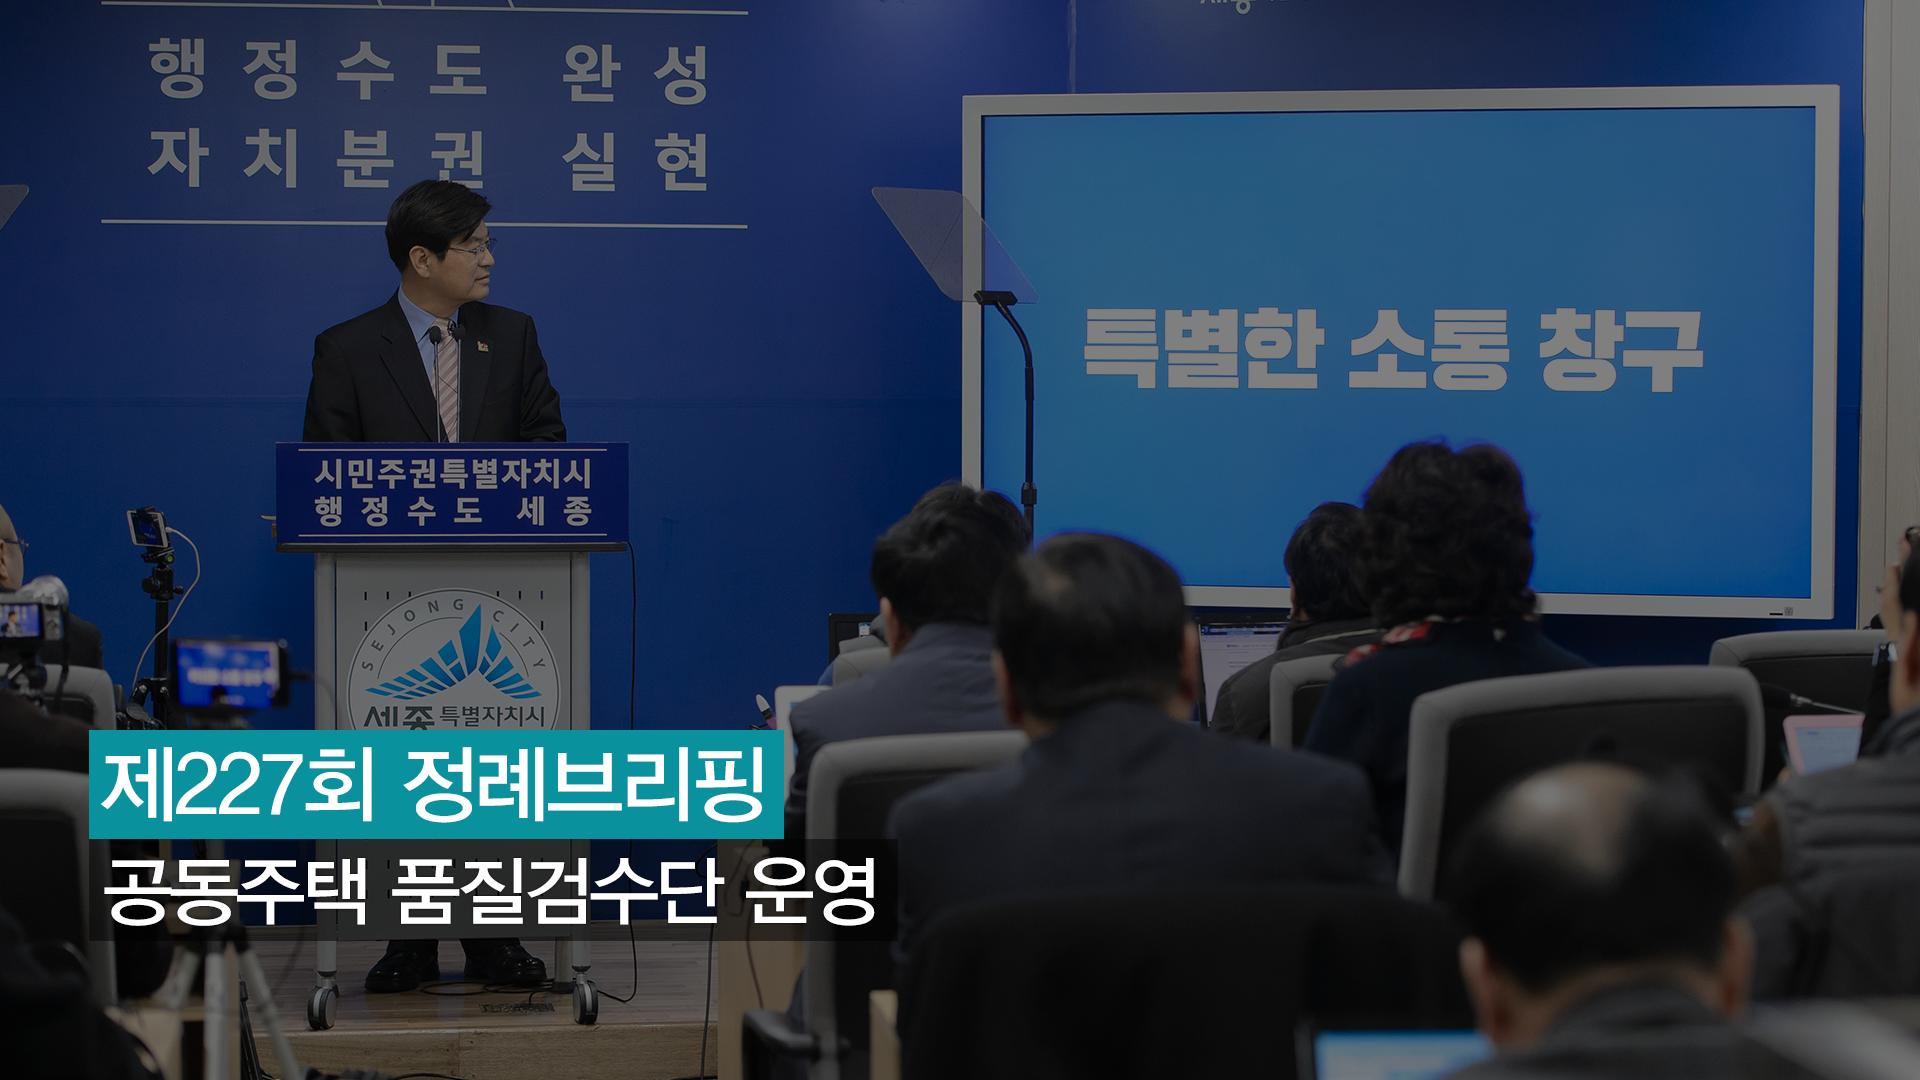 <227번째 정례브리핑> 공동주택 품질검수단 운영